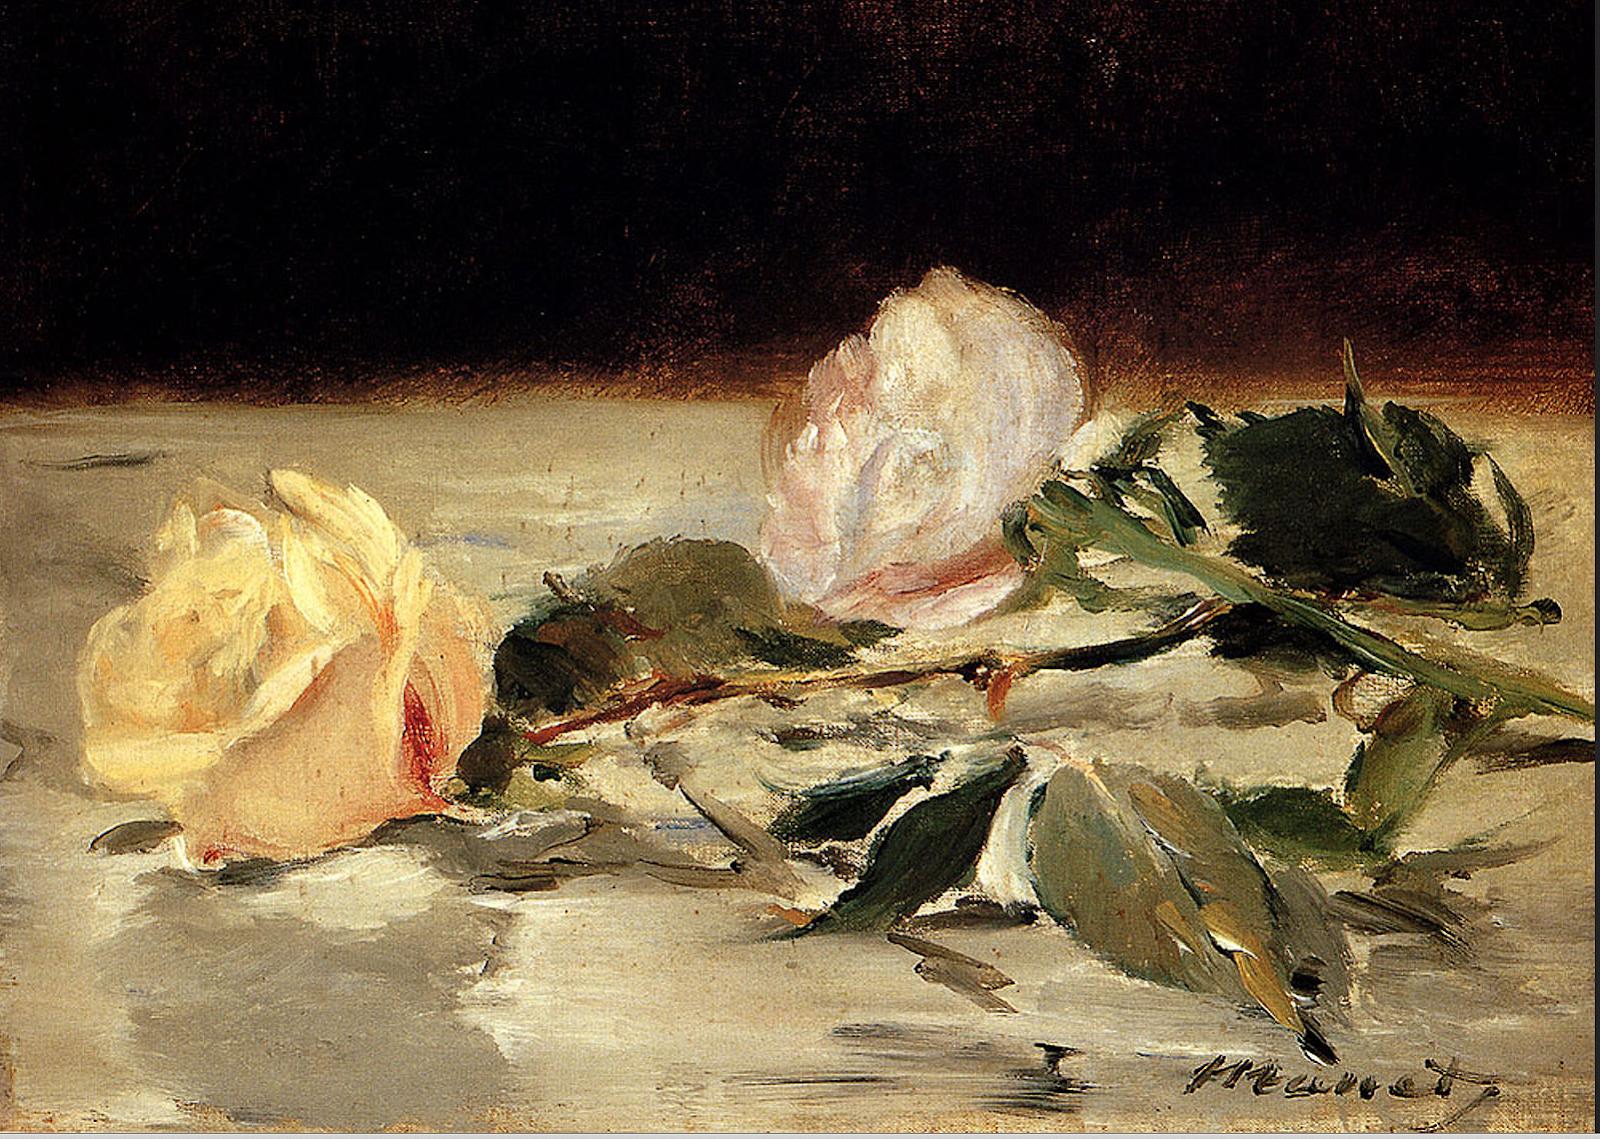 Две розы на покрывале  :: Эдуард Мане - Натюрморт, цветы ( new ) фото